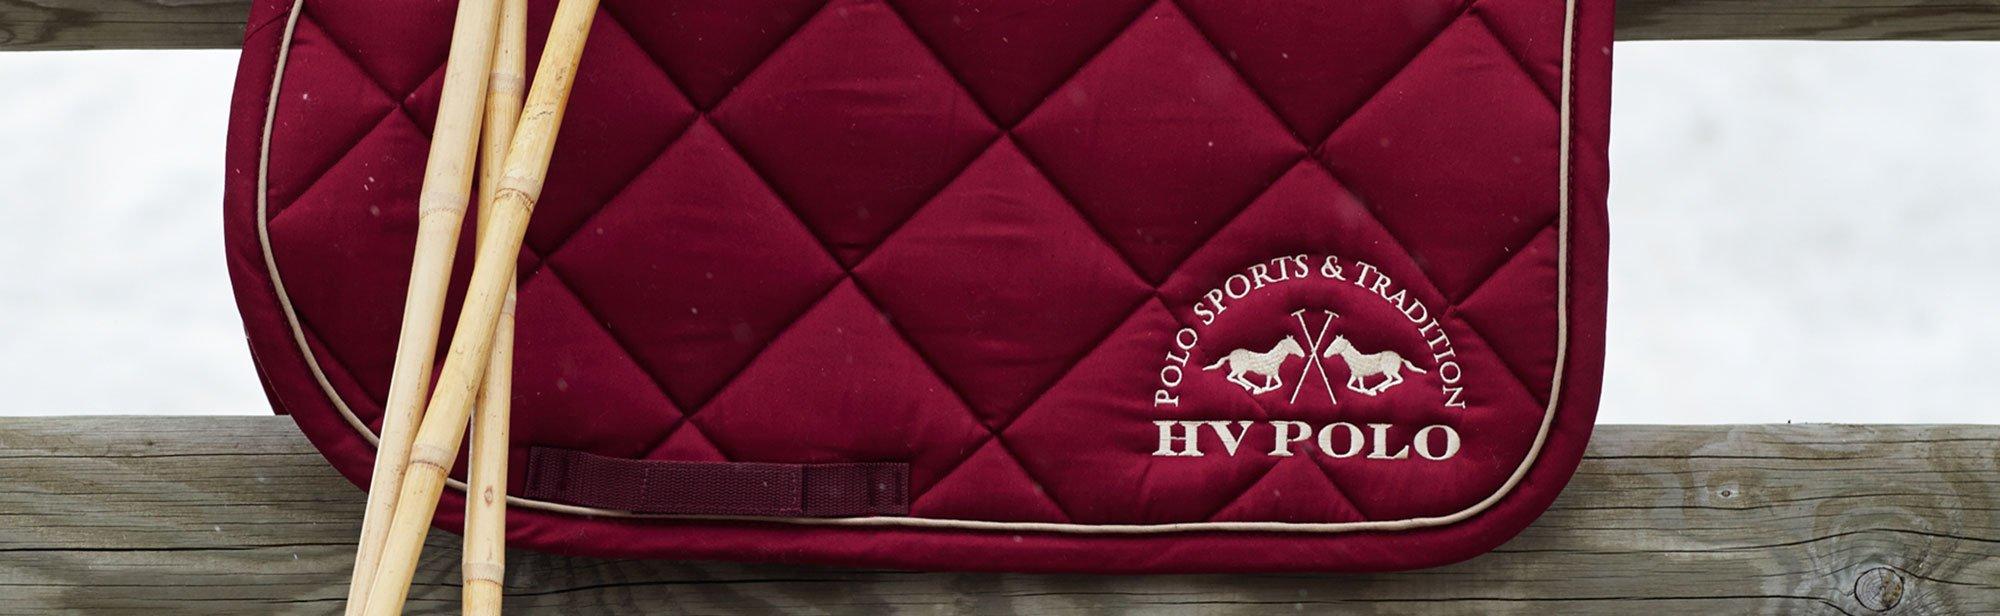 HV Polo Pferdezubehör und Reitausrüstung